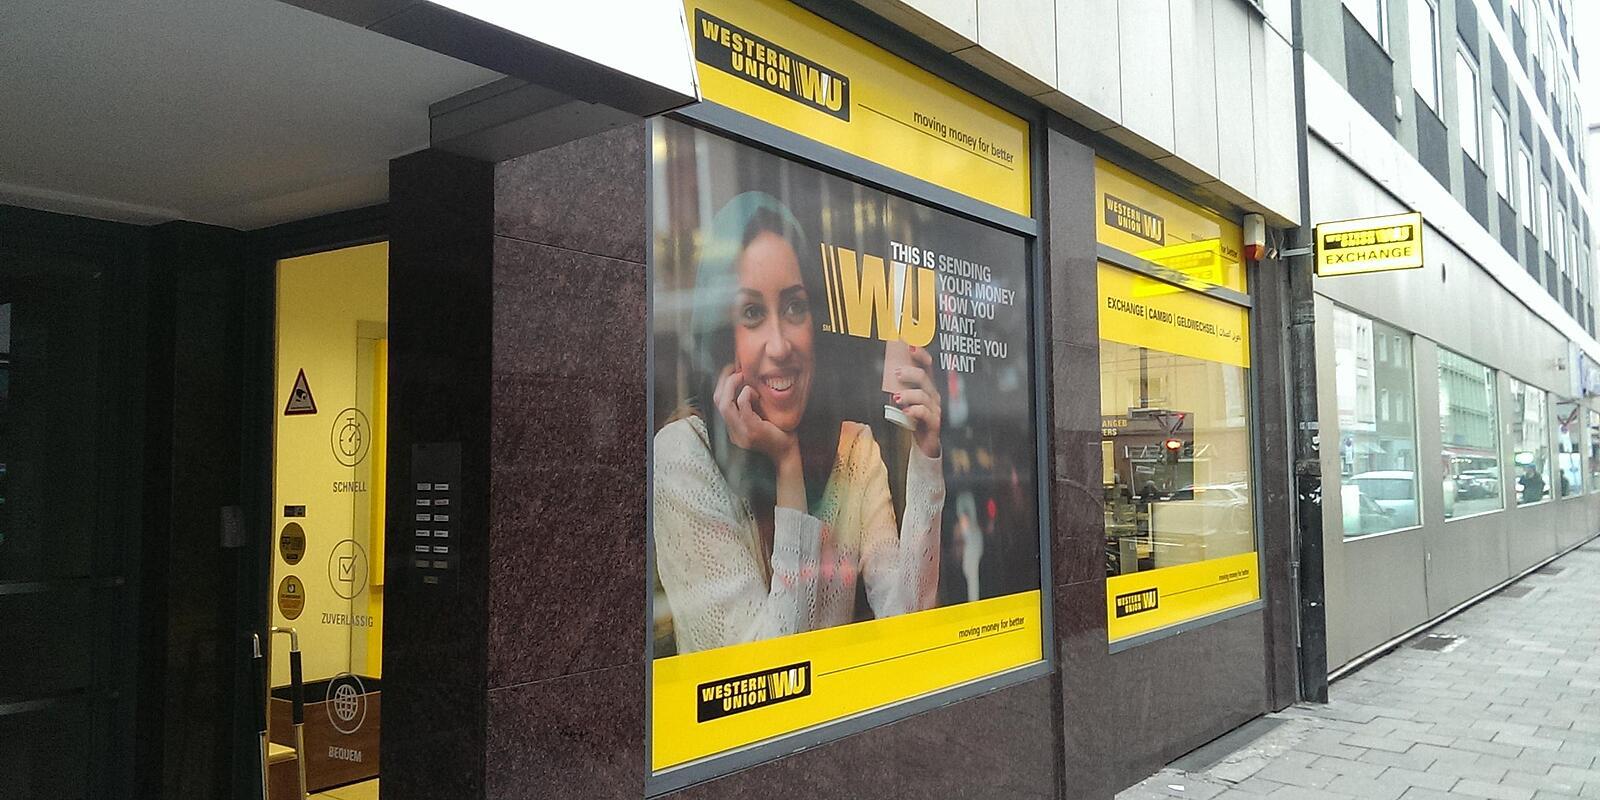 Sparkasse Western Union Geldtransfer